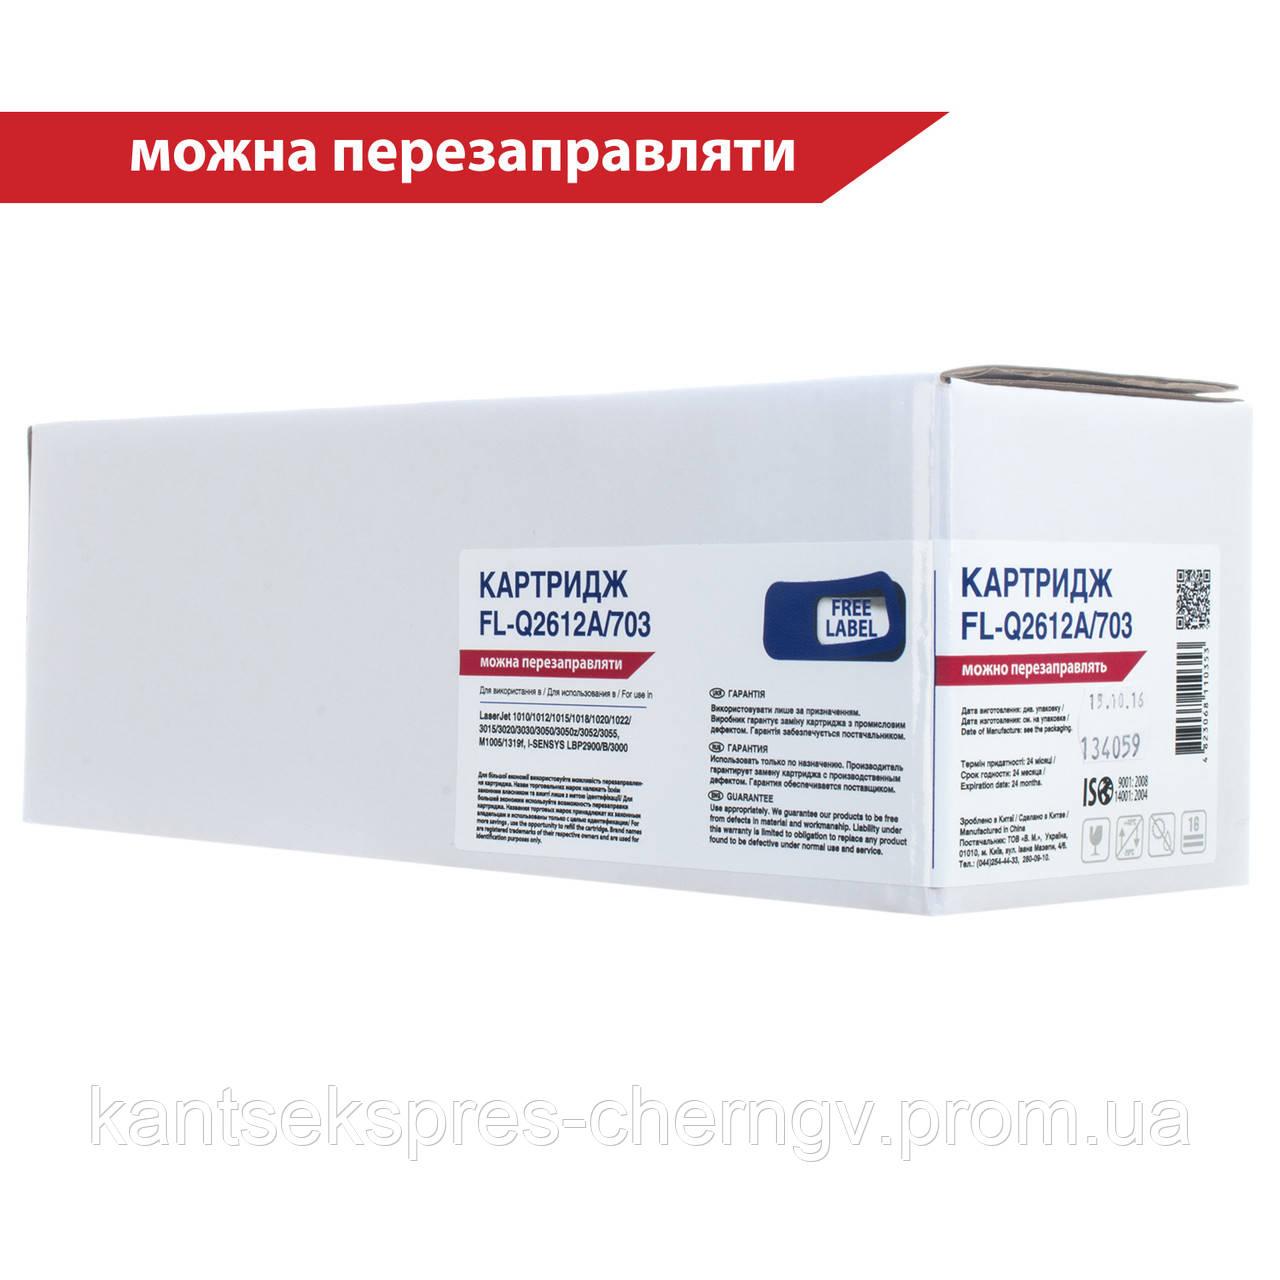 КАРТРИДЖ HP LJ Q2612A/CANON 703 (FL-Q2612A/703) FREE Label